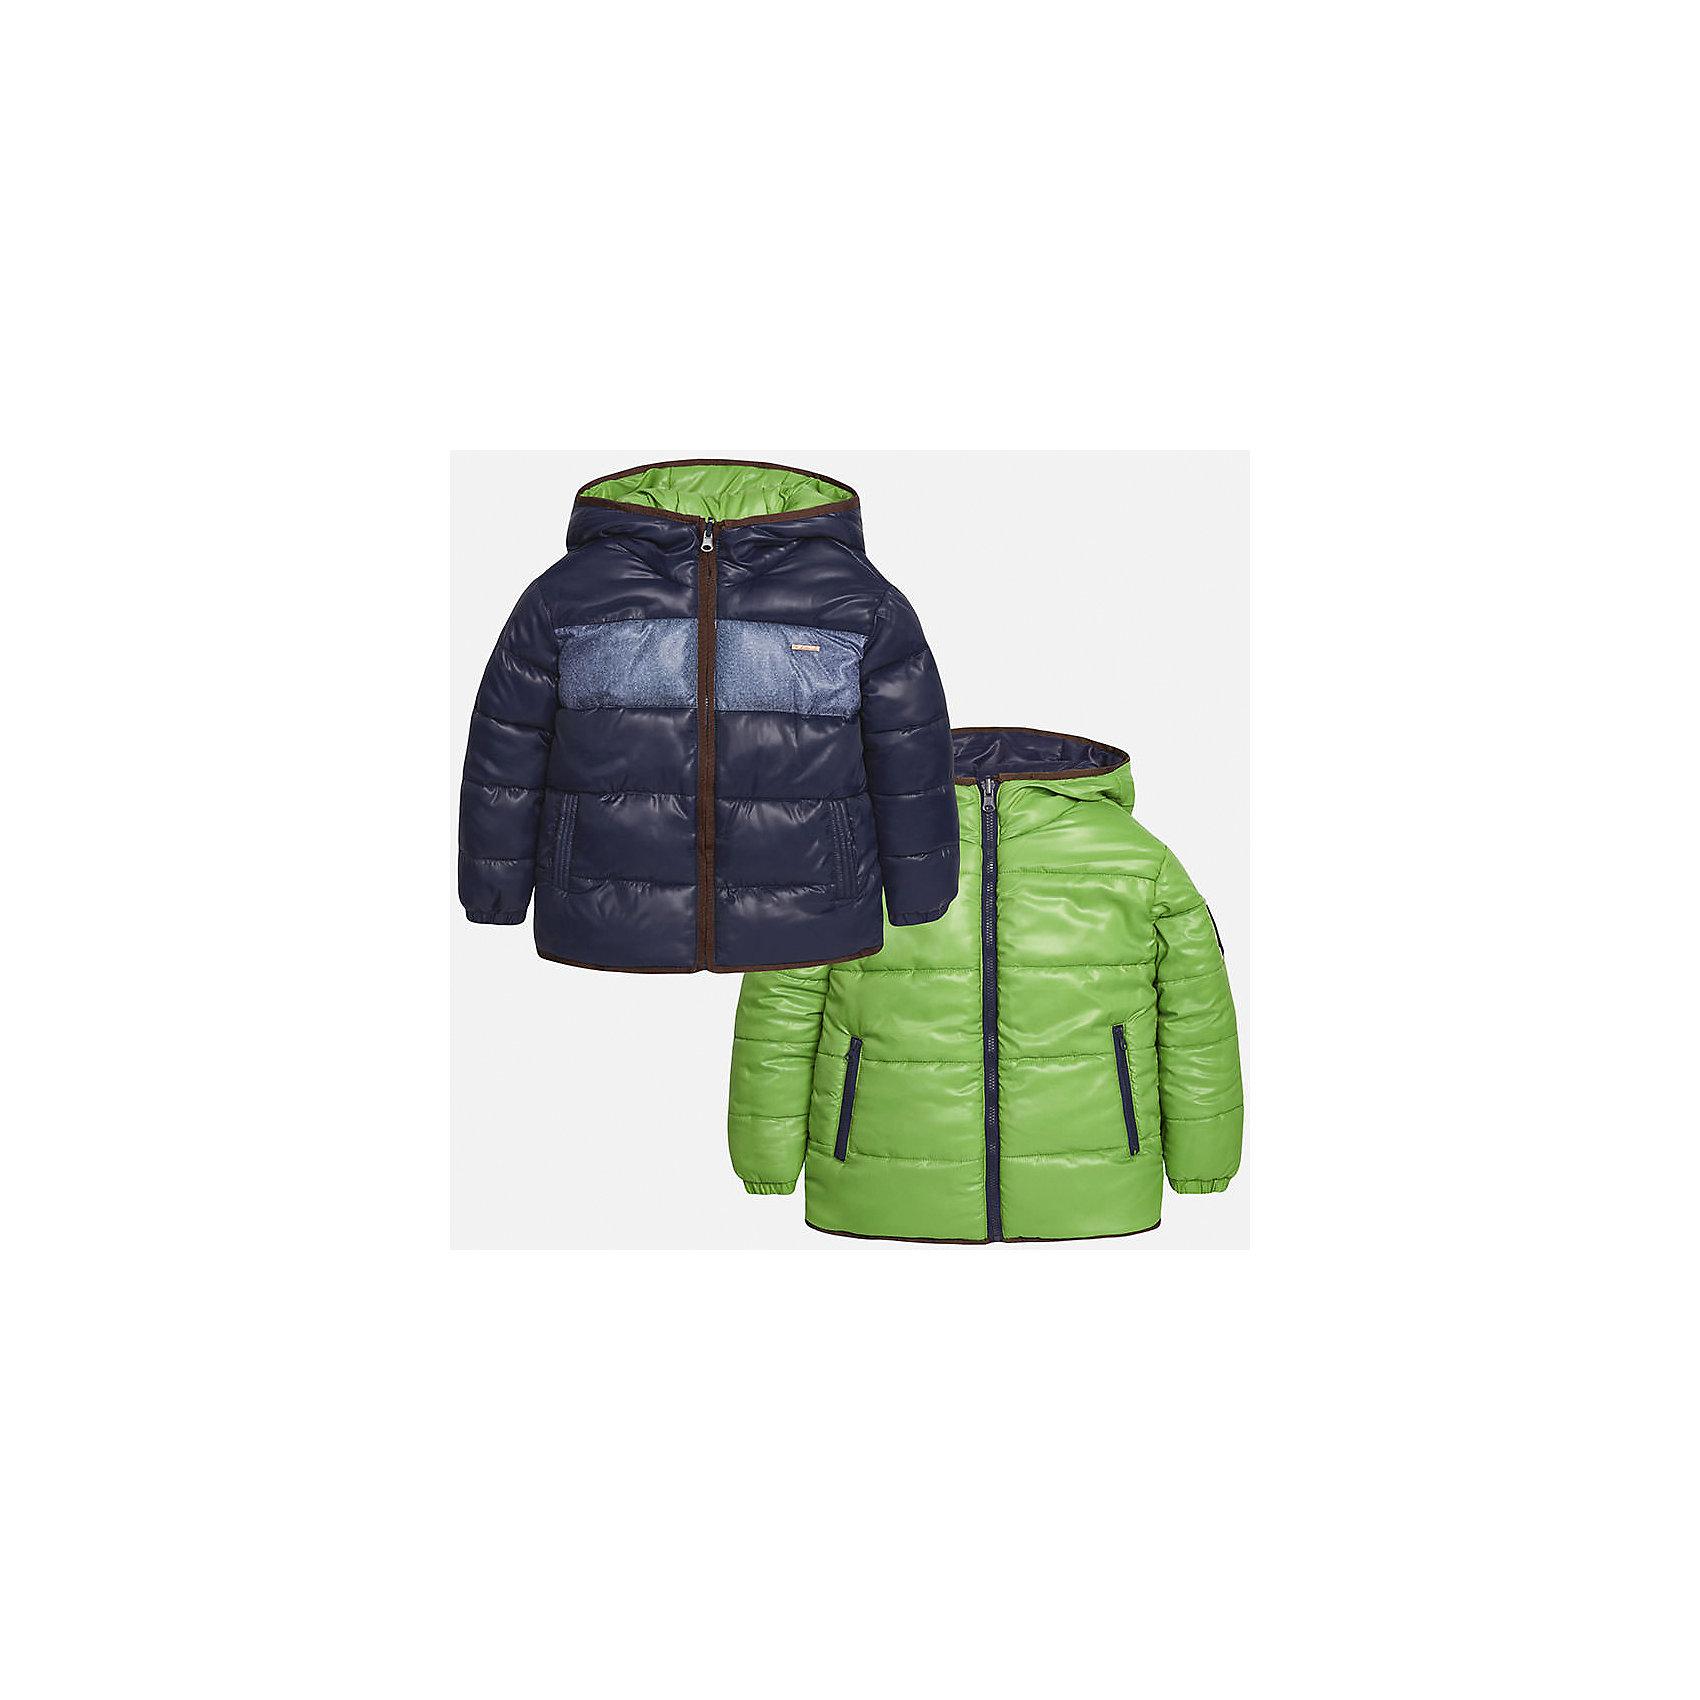 Куртка-трансформер для мальчика MayoralКуртка-трансформер для мальчика из коллекции осень-зима 2016-2017 известного испанского бренда Mayoral (Майорал). Стильная и удобная куртка сразу в двух цветах придет по вкусу вашему ребенку. Приятный фисташковый цвет можно сменить на темно-синий с пестрой серой полосой, цвета отлично сочетаются с дизайном куртки. Материал куртки – непромокаемая и непродуваемая плащевая ткань, в качестве утеплителя использован синтепон. Куртка застегивается на молнию, а также имеет 4 кармана (два внутренних, два внешних) и махровую нашивку с дизайном. Эта куртка отлично подойдет к брюкам, а также к джинсам или штанам спортивного стиля.<br><br>Дополнительная информация:<br><br>- Рукав: длинный<br>- Силуэт: прямой<br>- Утеплитель: синтепон<br>Состав: полиэстер 100%<br>Куртку-трансформер для мальчиков Mayoral (Майорал) можно купить в нашем интернет-магазине.<br><br>Подробнее:<br>• Для детей в возрасте: от 10 до 16 лет<br>• Номер товара: 4827156<br>Страна производитель: Китай<br><br>Ширина мм: 356<br>Глубина мм: 10<br>Высота мм: 245<br>Вес г: 519<br>Цвет: зеленый<br>Возраст от месяцев: 108<br>Возраст до месяцев: 120<br>Пол: Мужской<br>Возраст: Детский<br>Размер: 140/146,164/170,128/134,152/158,146/152,158/164<br>SKU: 4827155